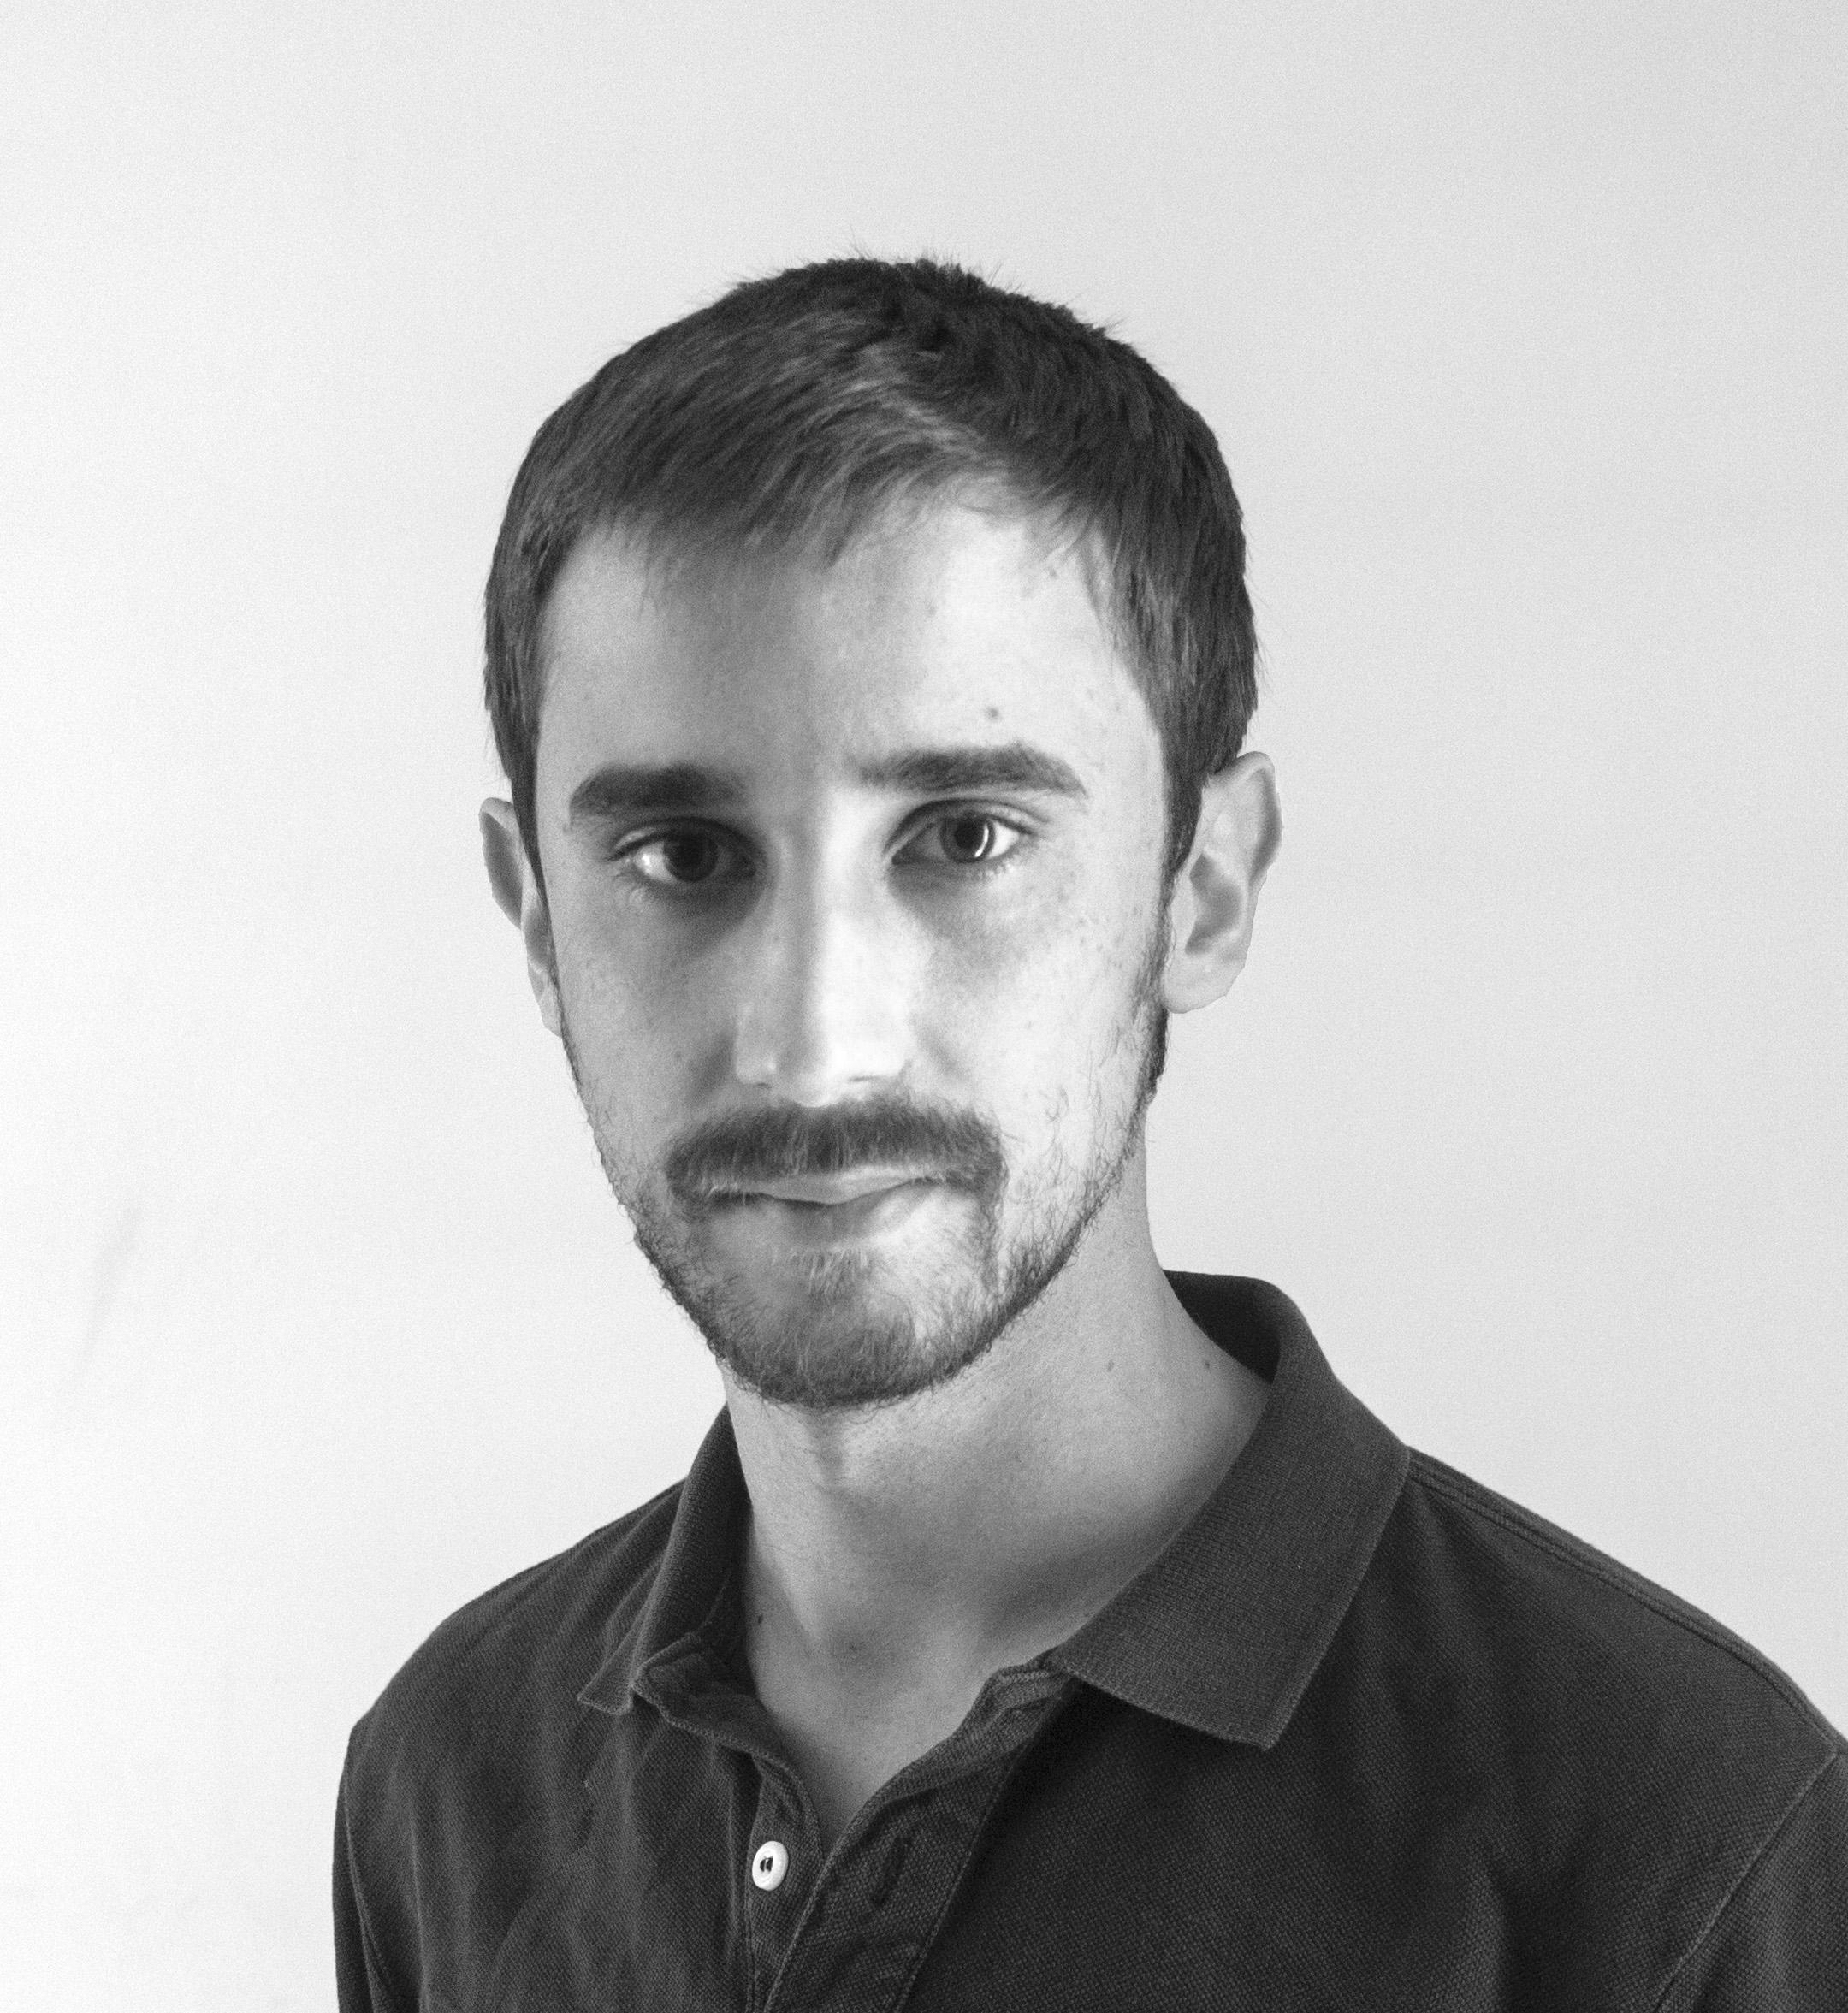 José Miguel Martín Arquitecto